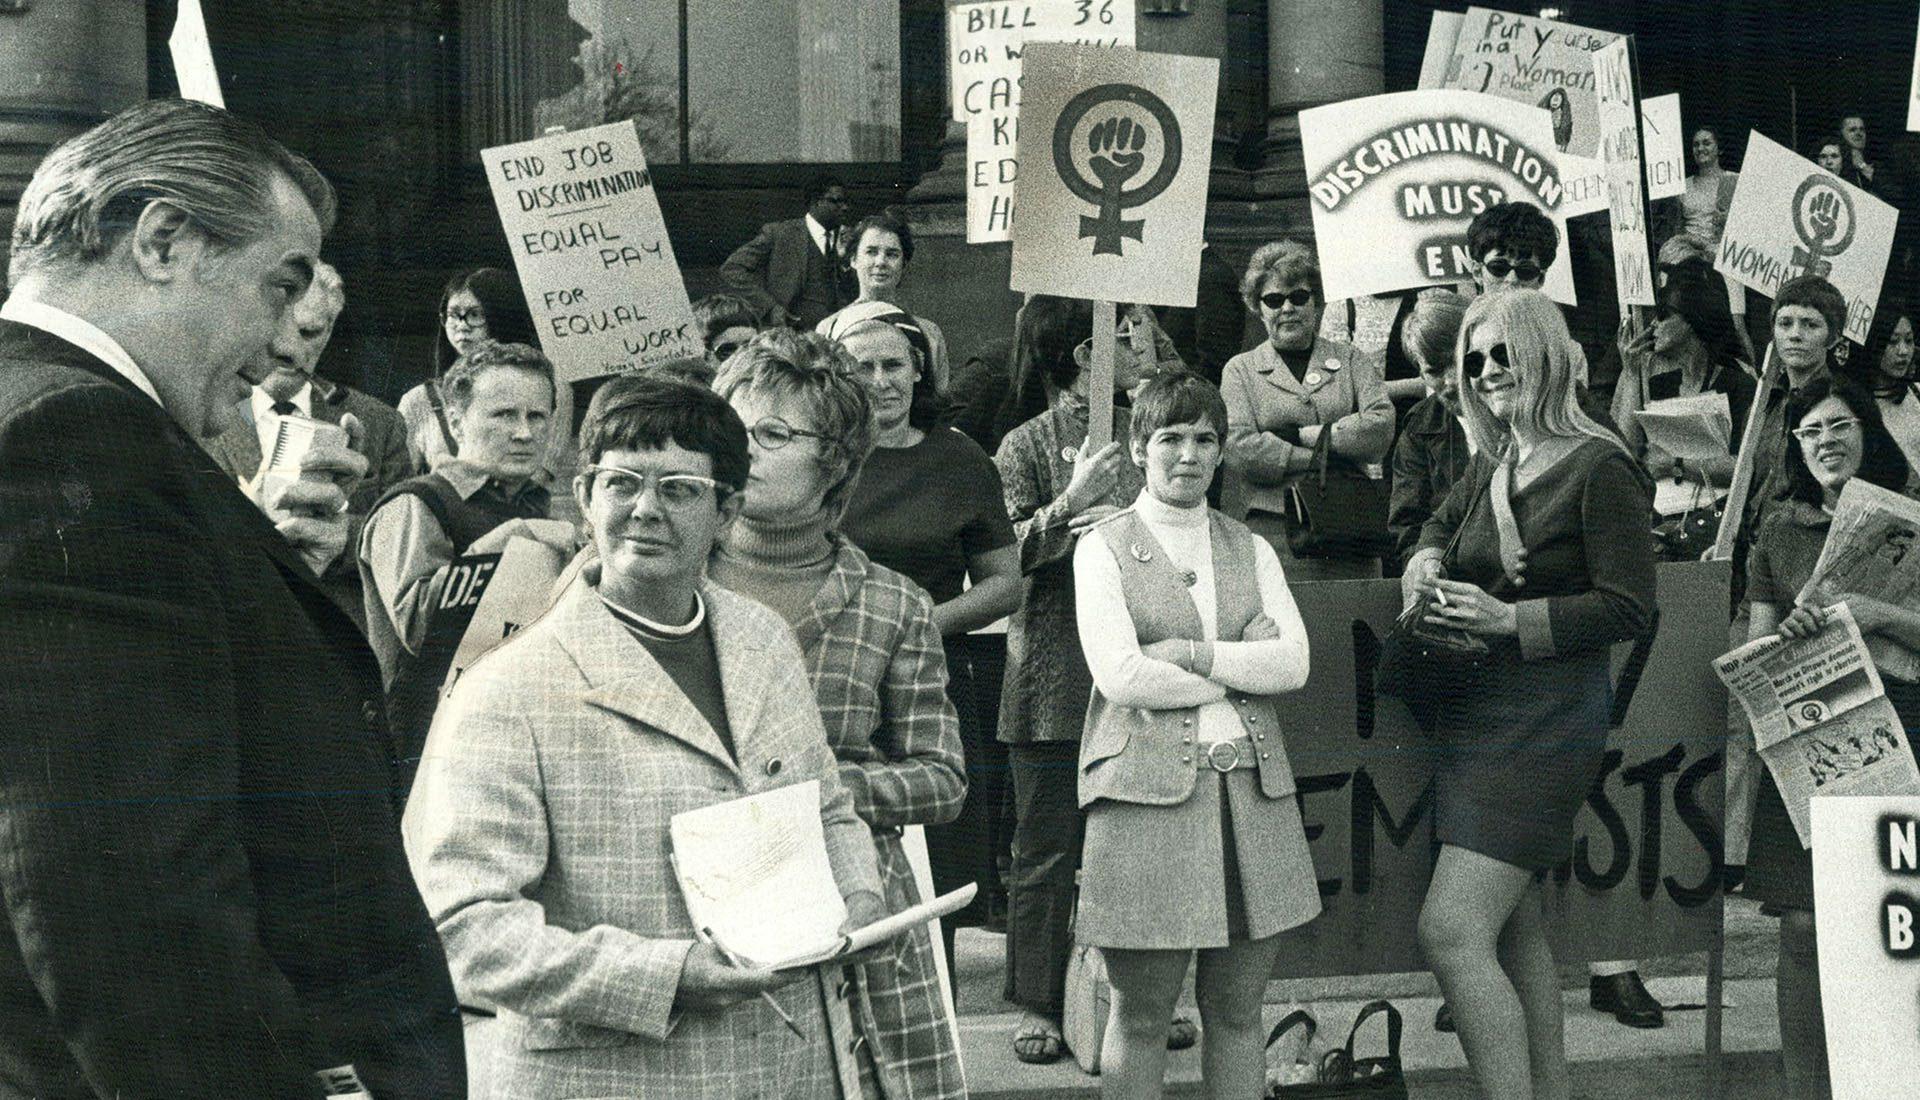 Des membres de la Voix des femmes, du Mouvement de libération des femmes, des New Feminists et des Jeunesses socialistes manifestent à Queen's Park en avril 1970